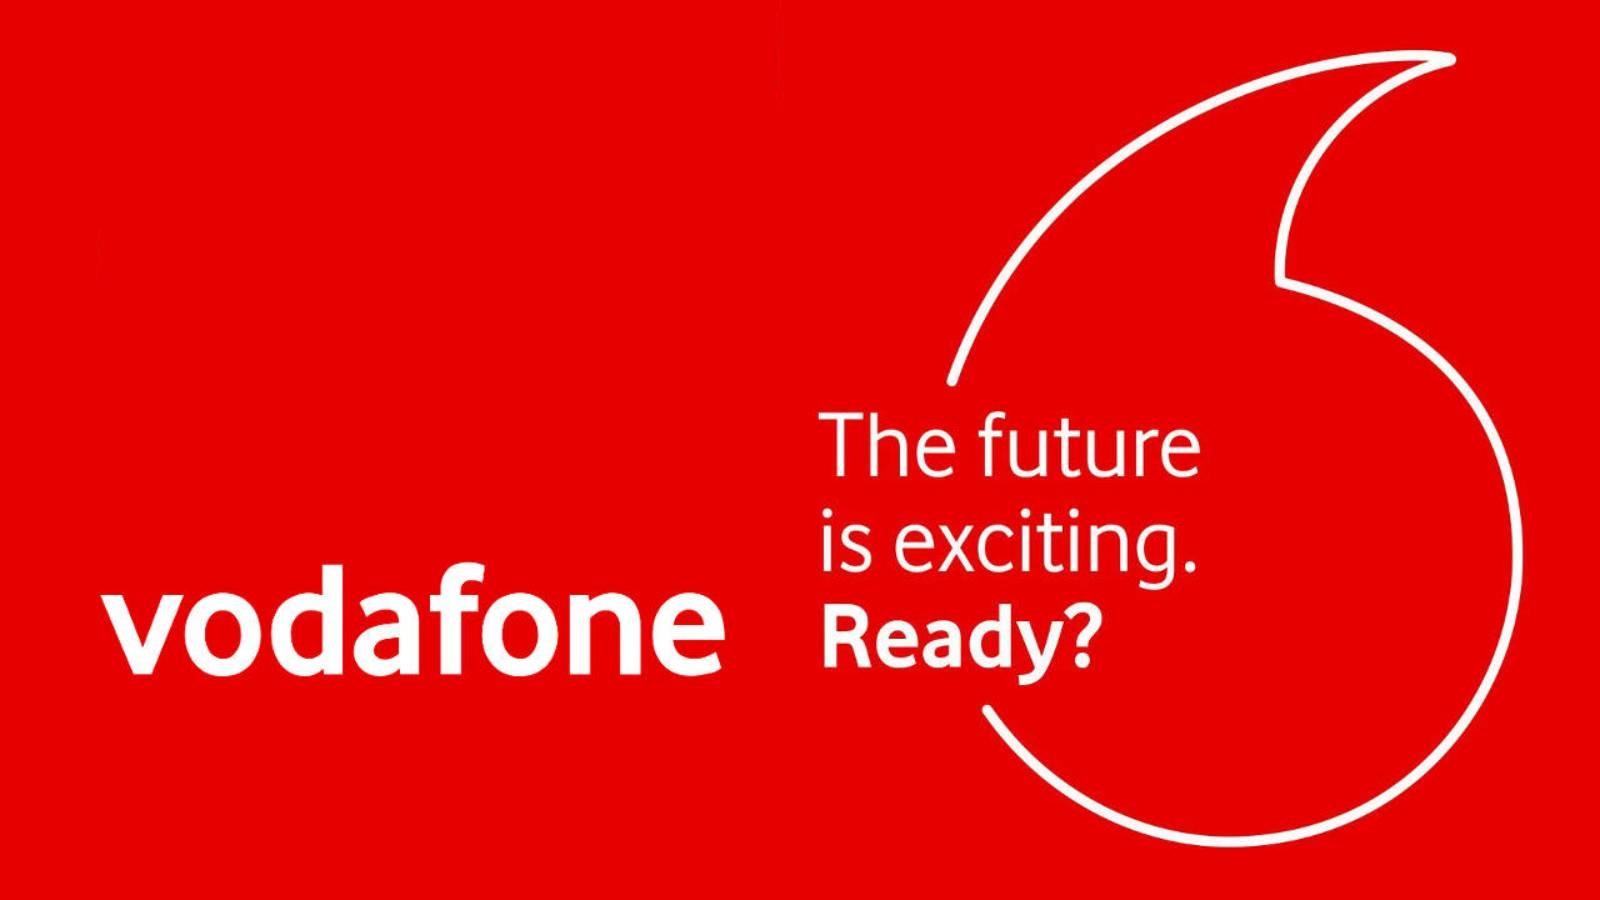 Vodafone show